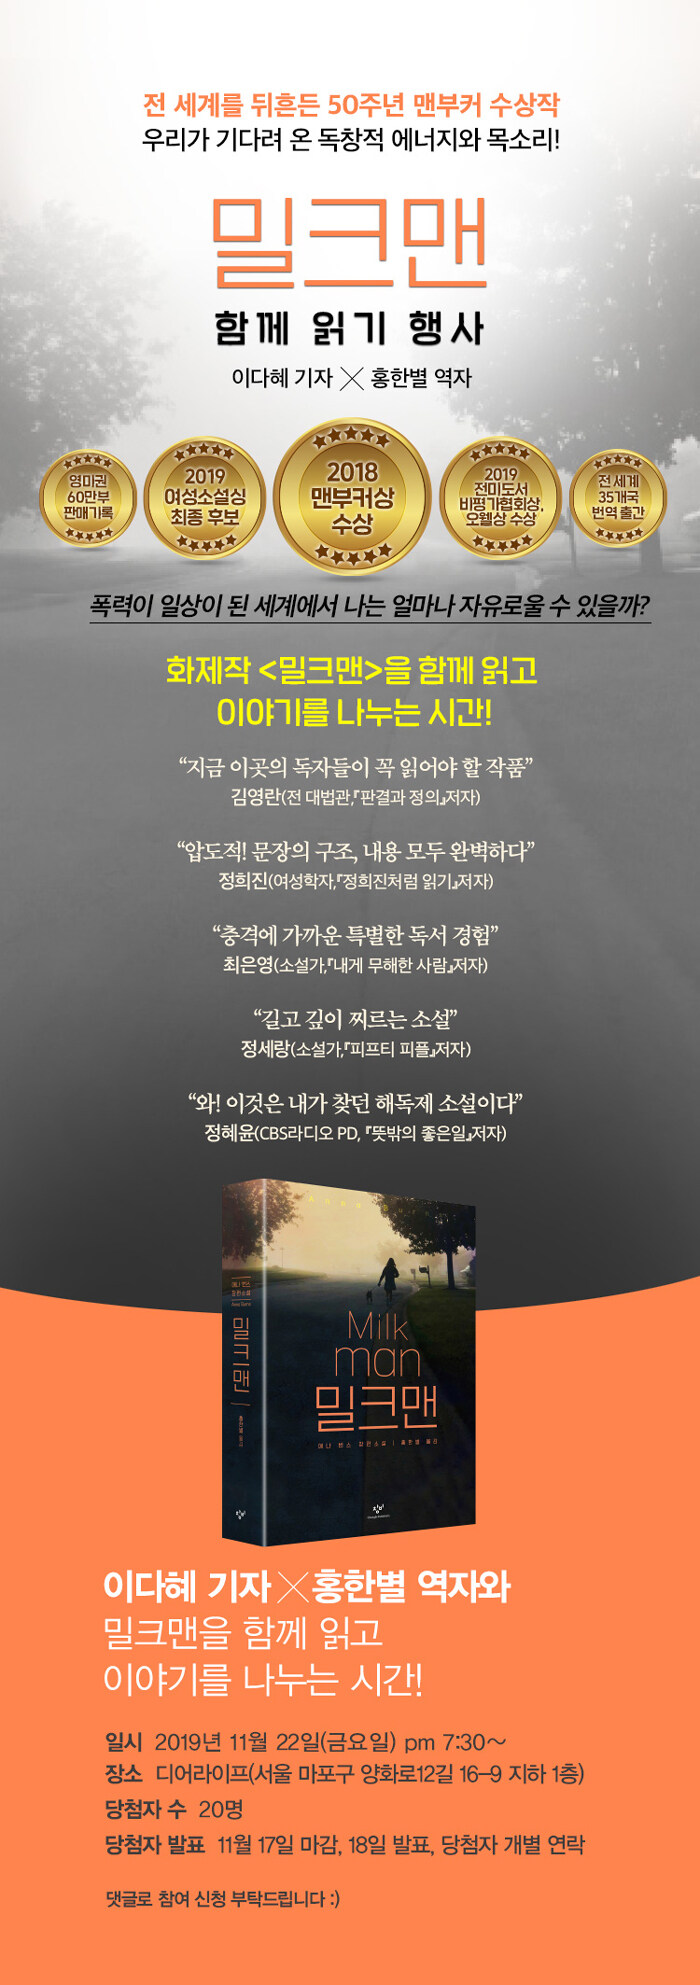 <밀크맨> 이다혜 X 홍한별 북토크